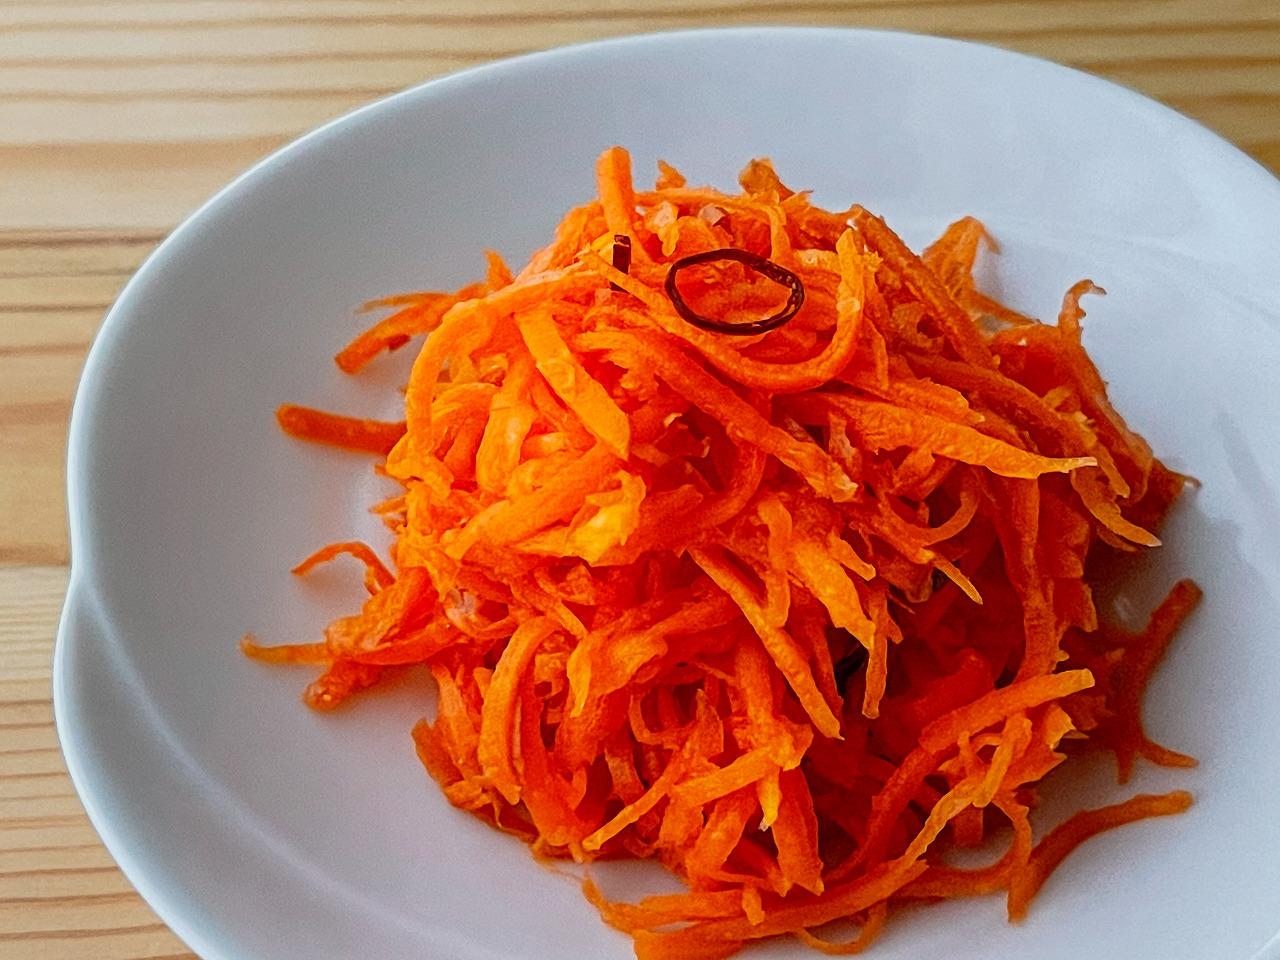 【野菜ひとつ】にんじんのエスニックサラダ